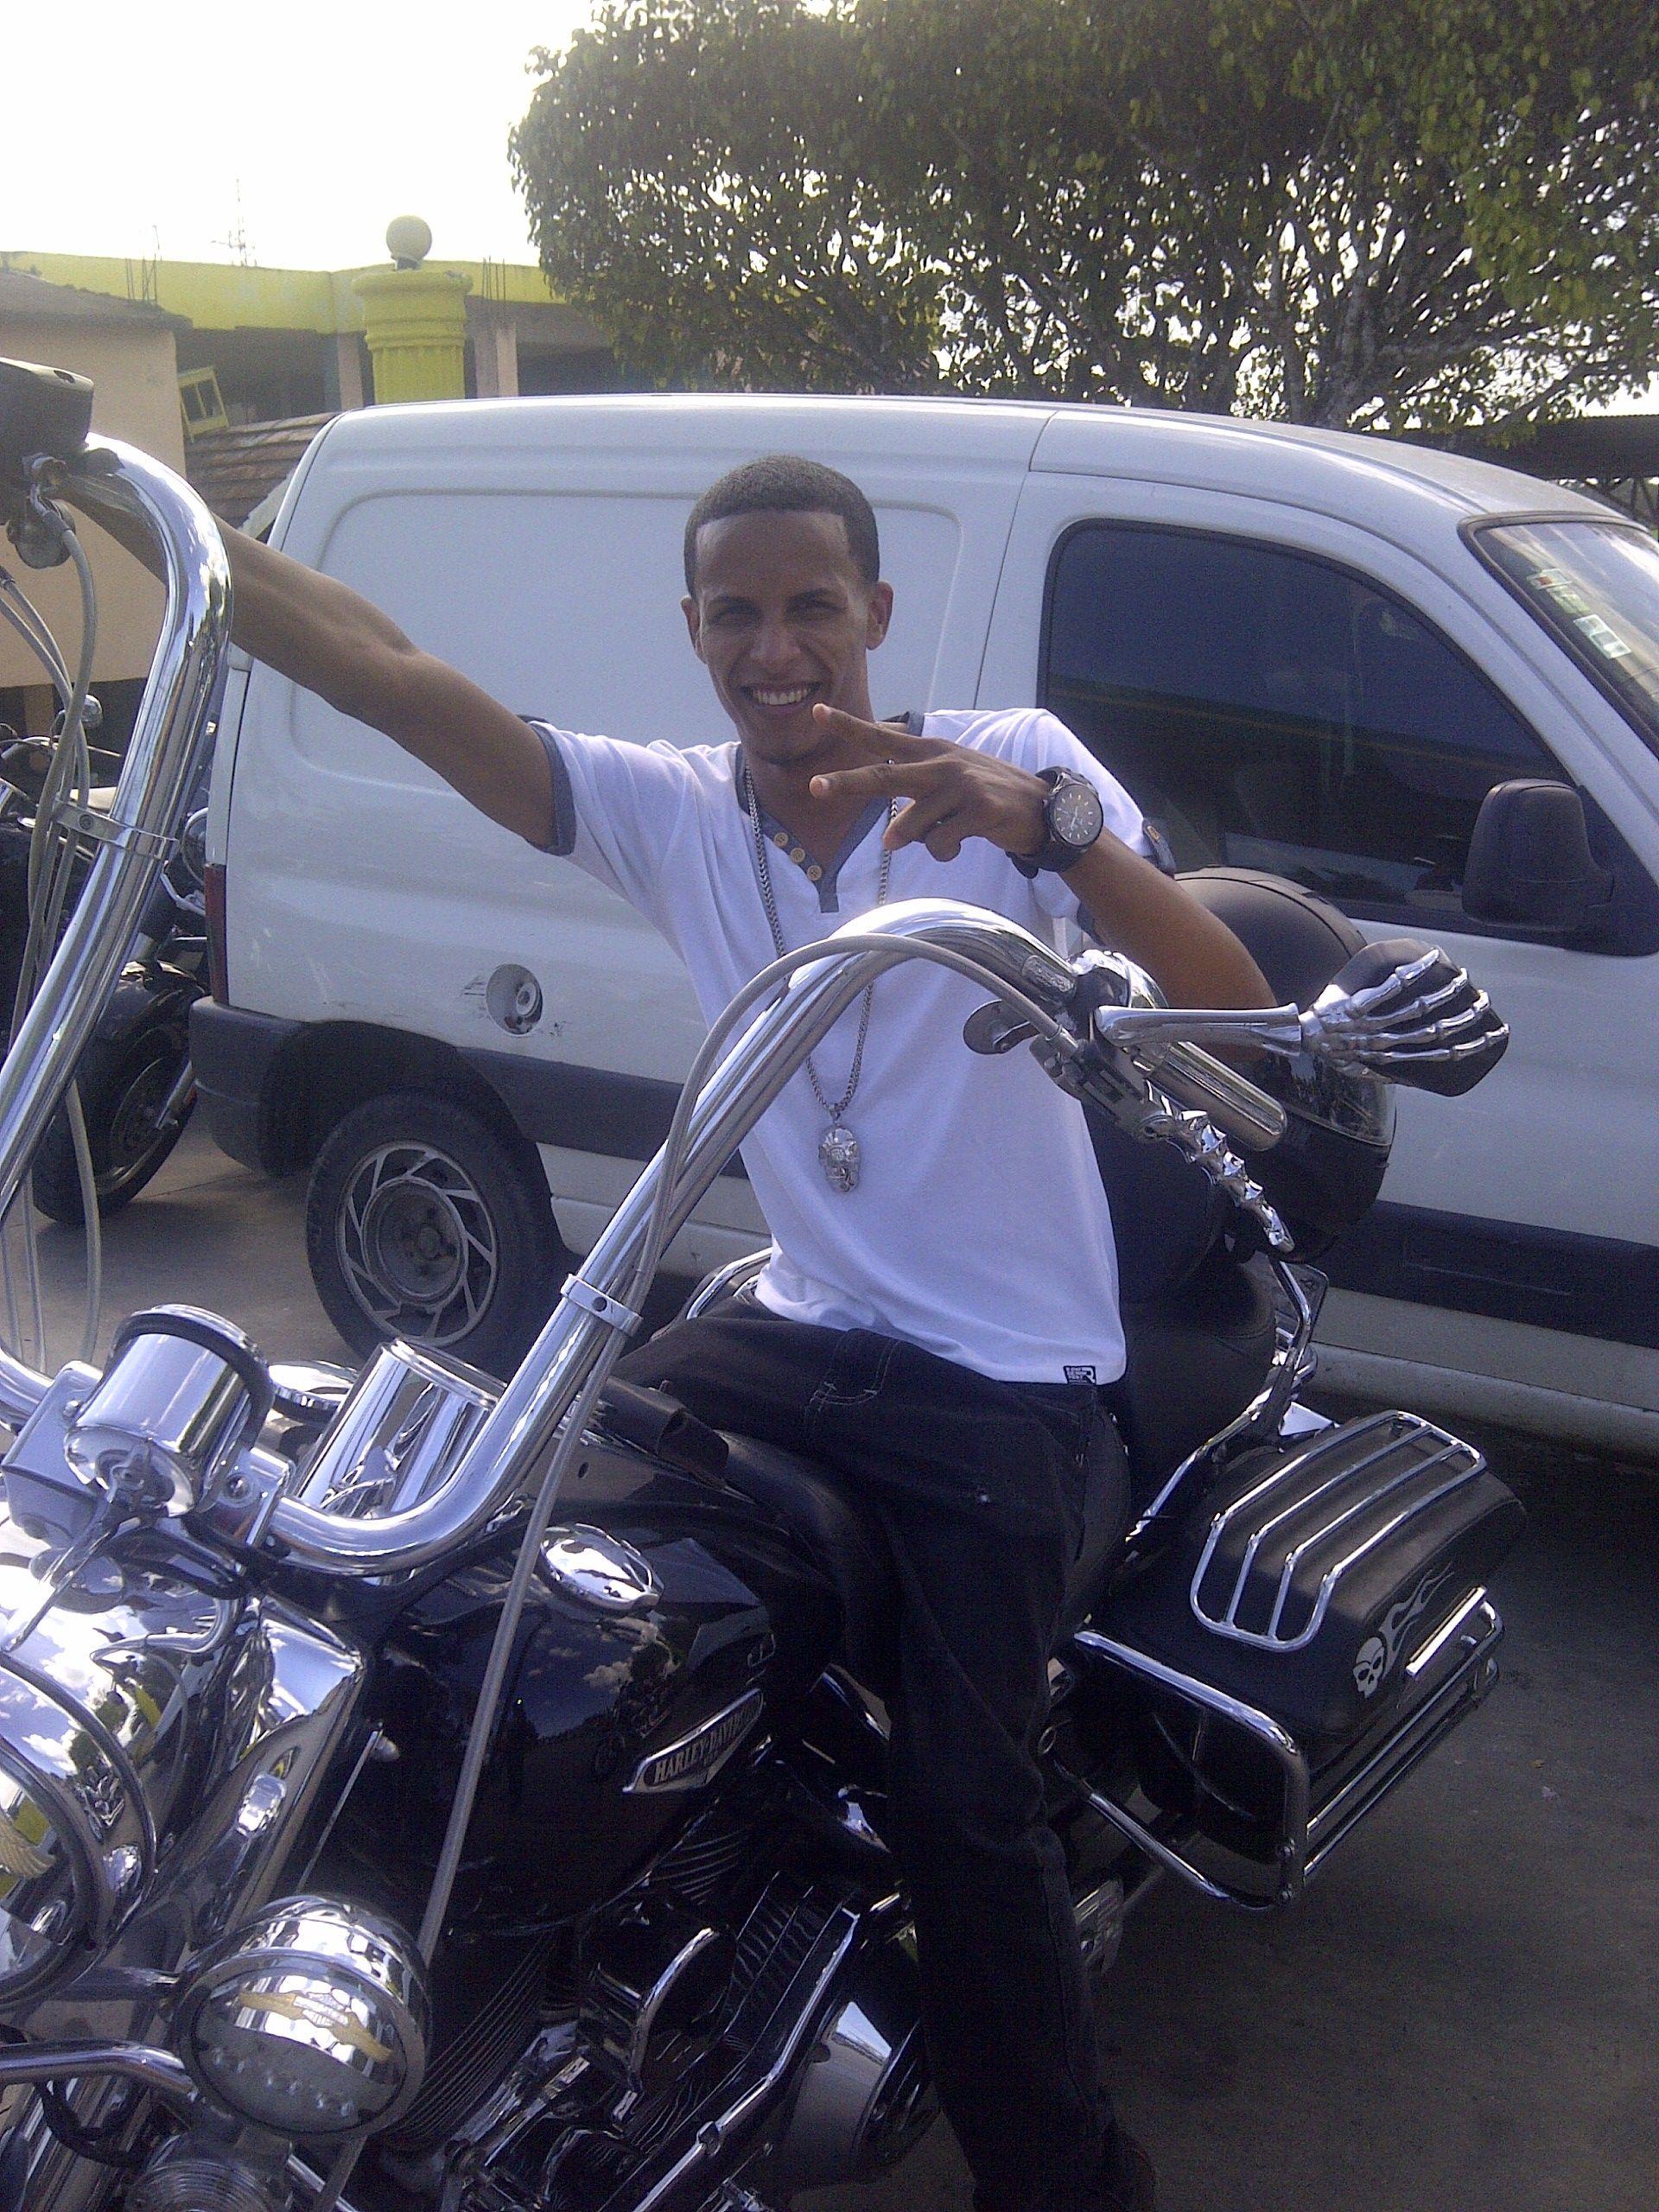 de  paseo en una moto